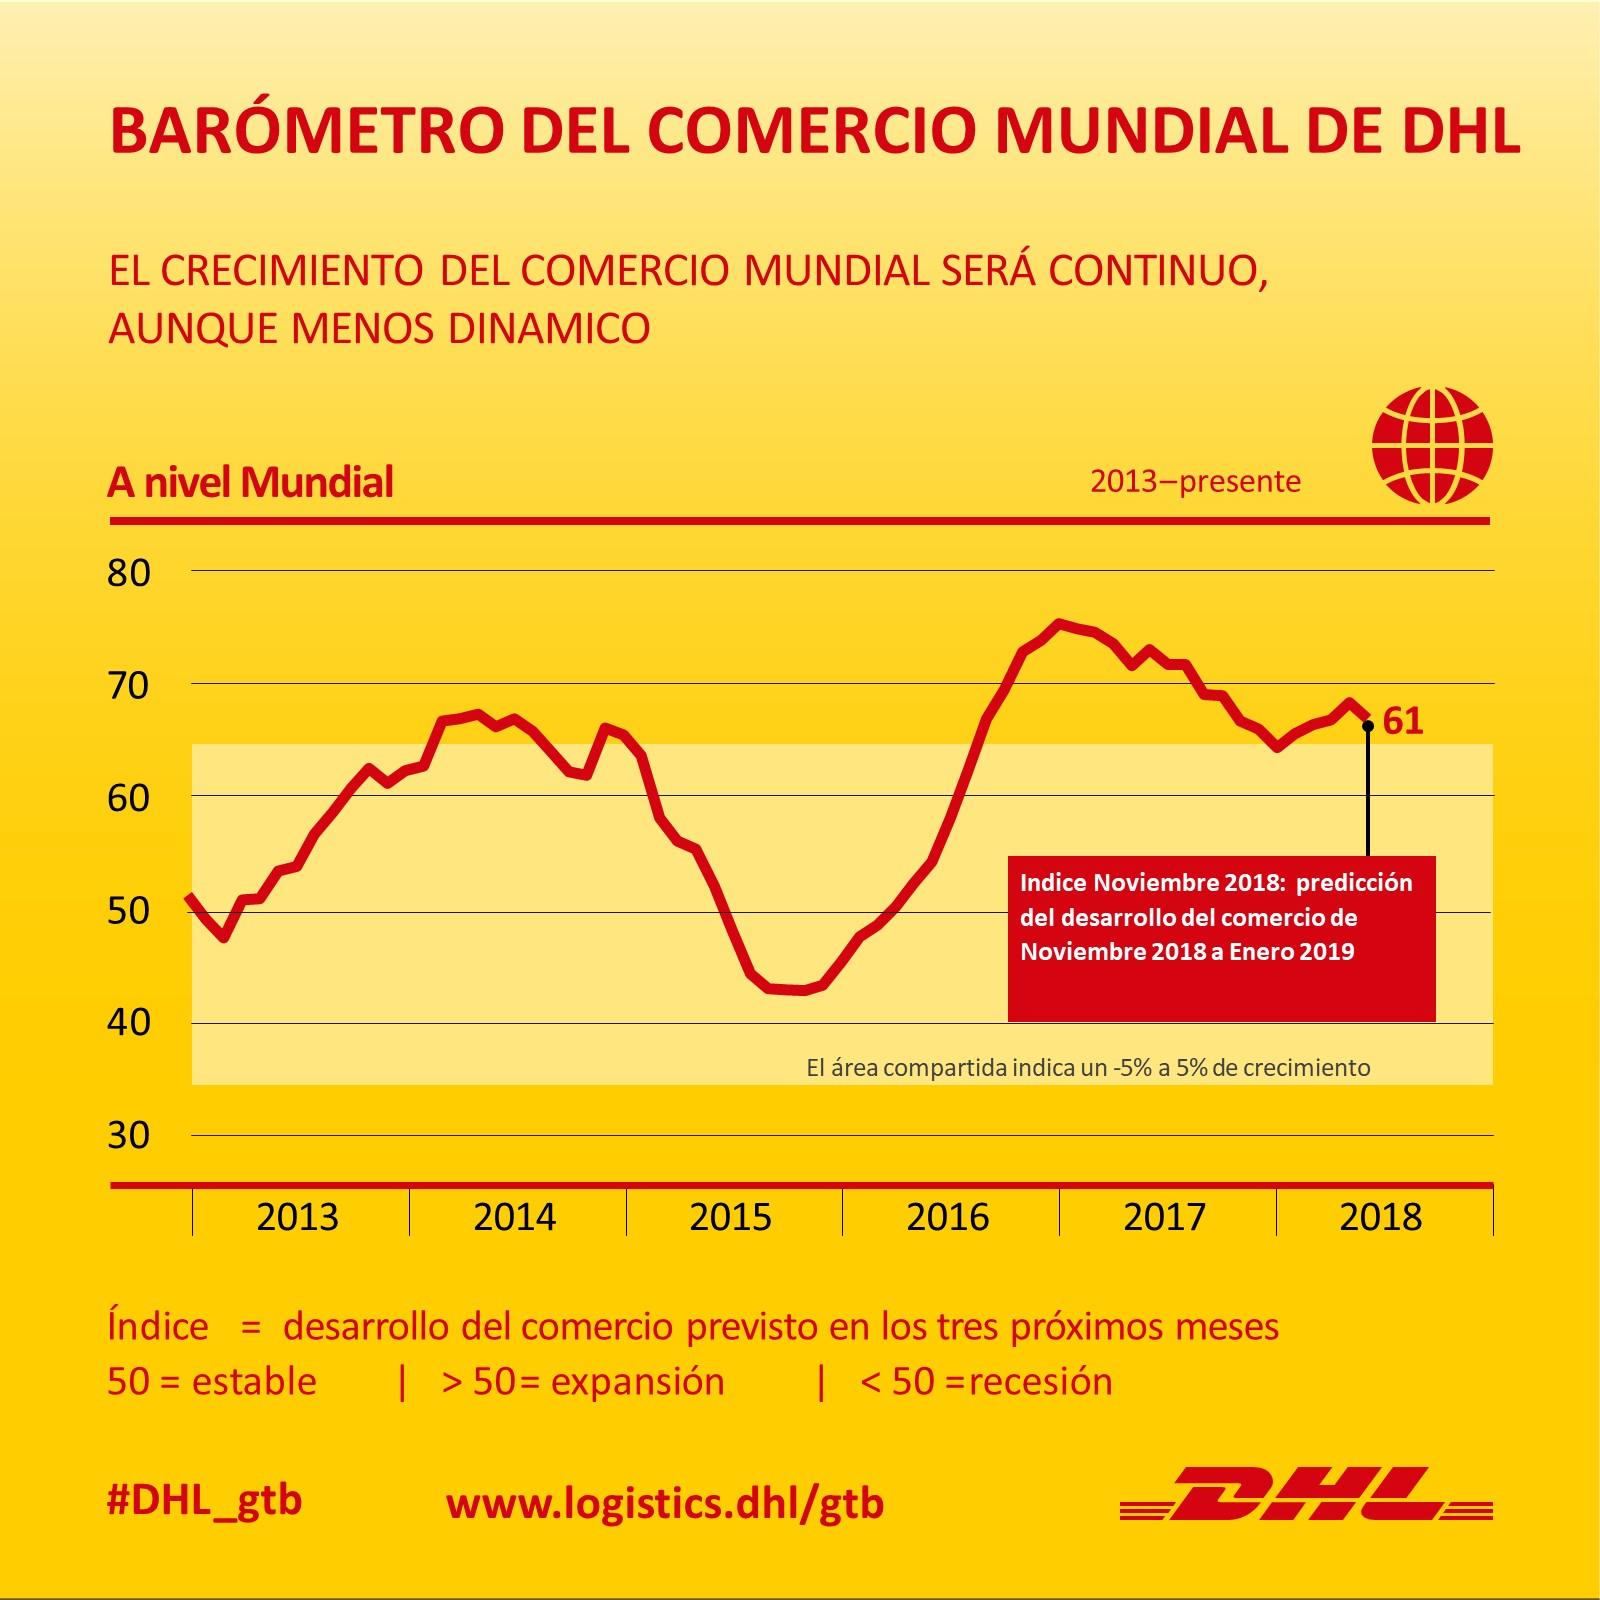 Barómetro del Comercio Mundial DHL